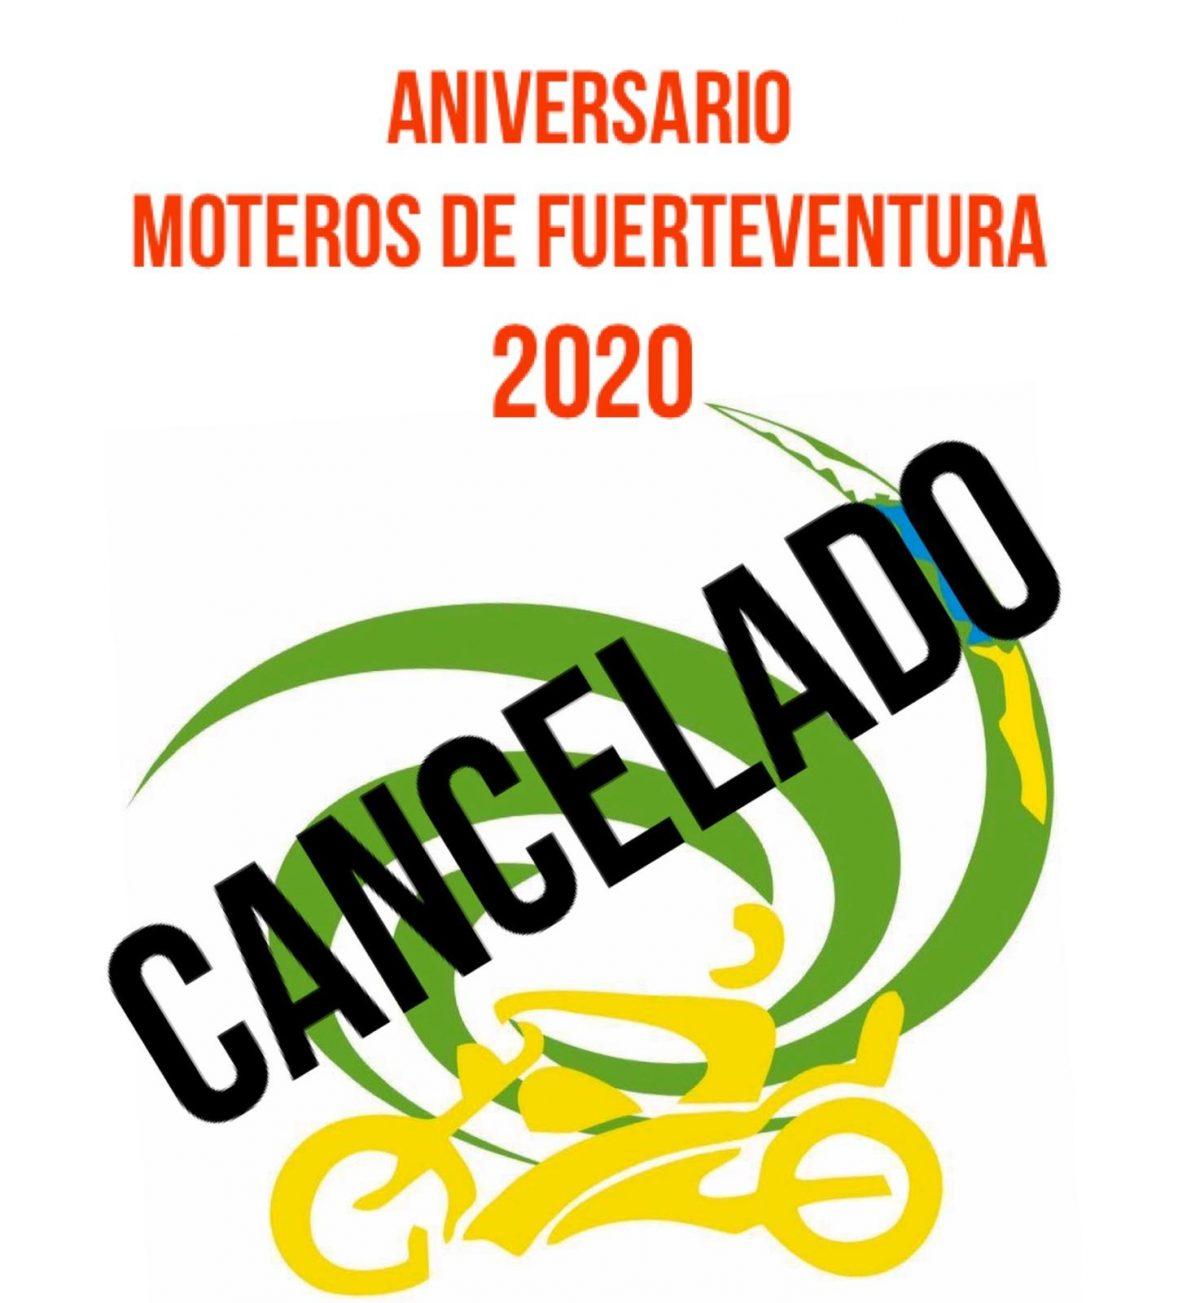 Se suspende el 'Aniversario Moteros de Fuerteventura 2020'